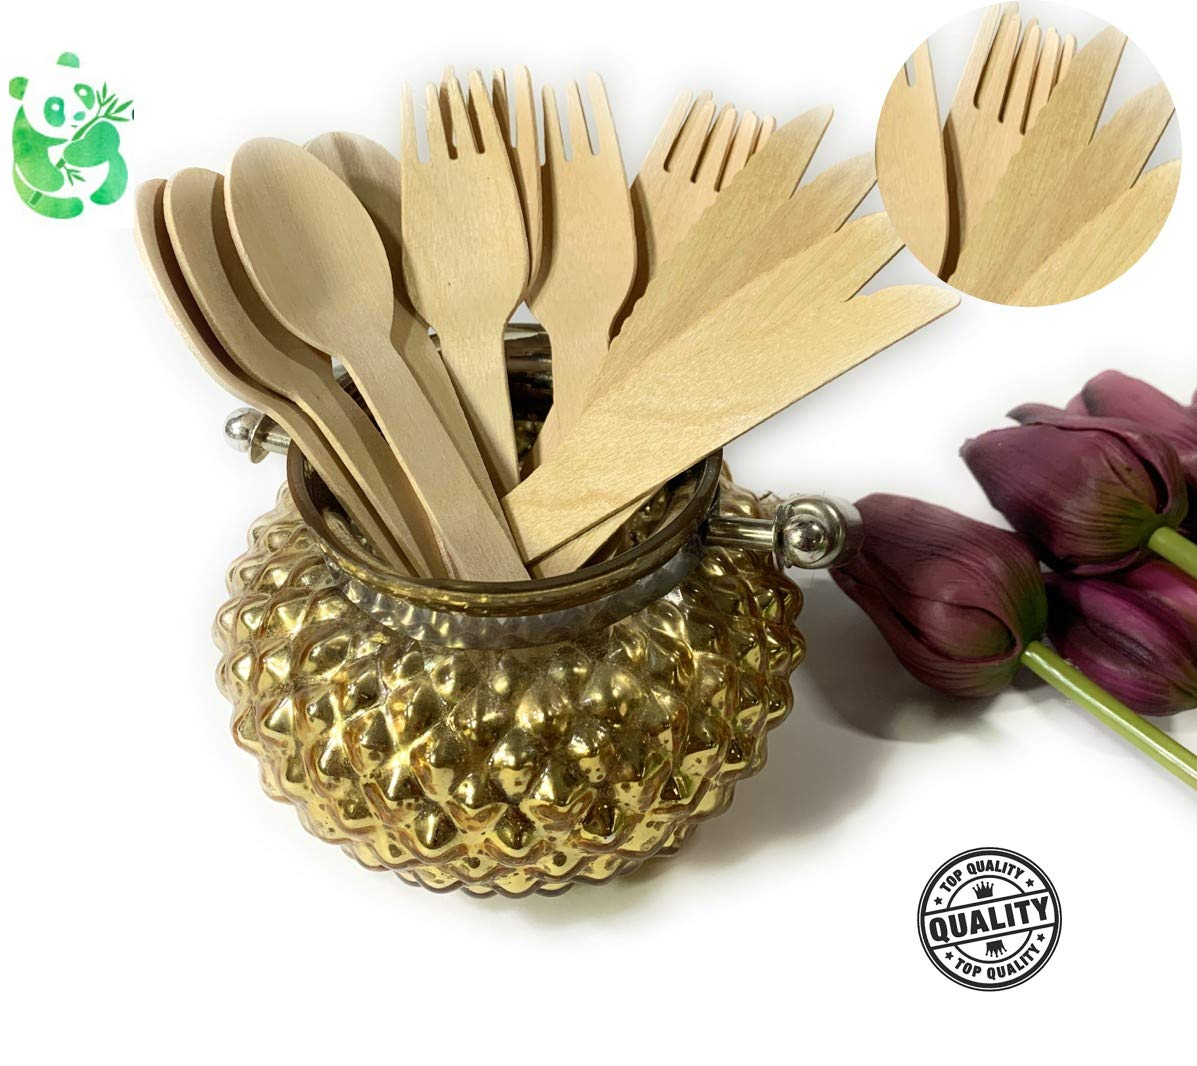 Gruener Panda 150 x Cuchillos Vajilla desechable Cuberteria desechable Tenedores y cucharas estables de Madera| Ecol/ógico y compostable